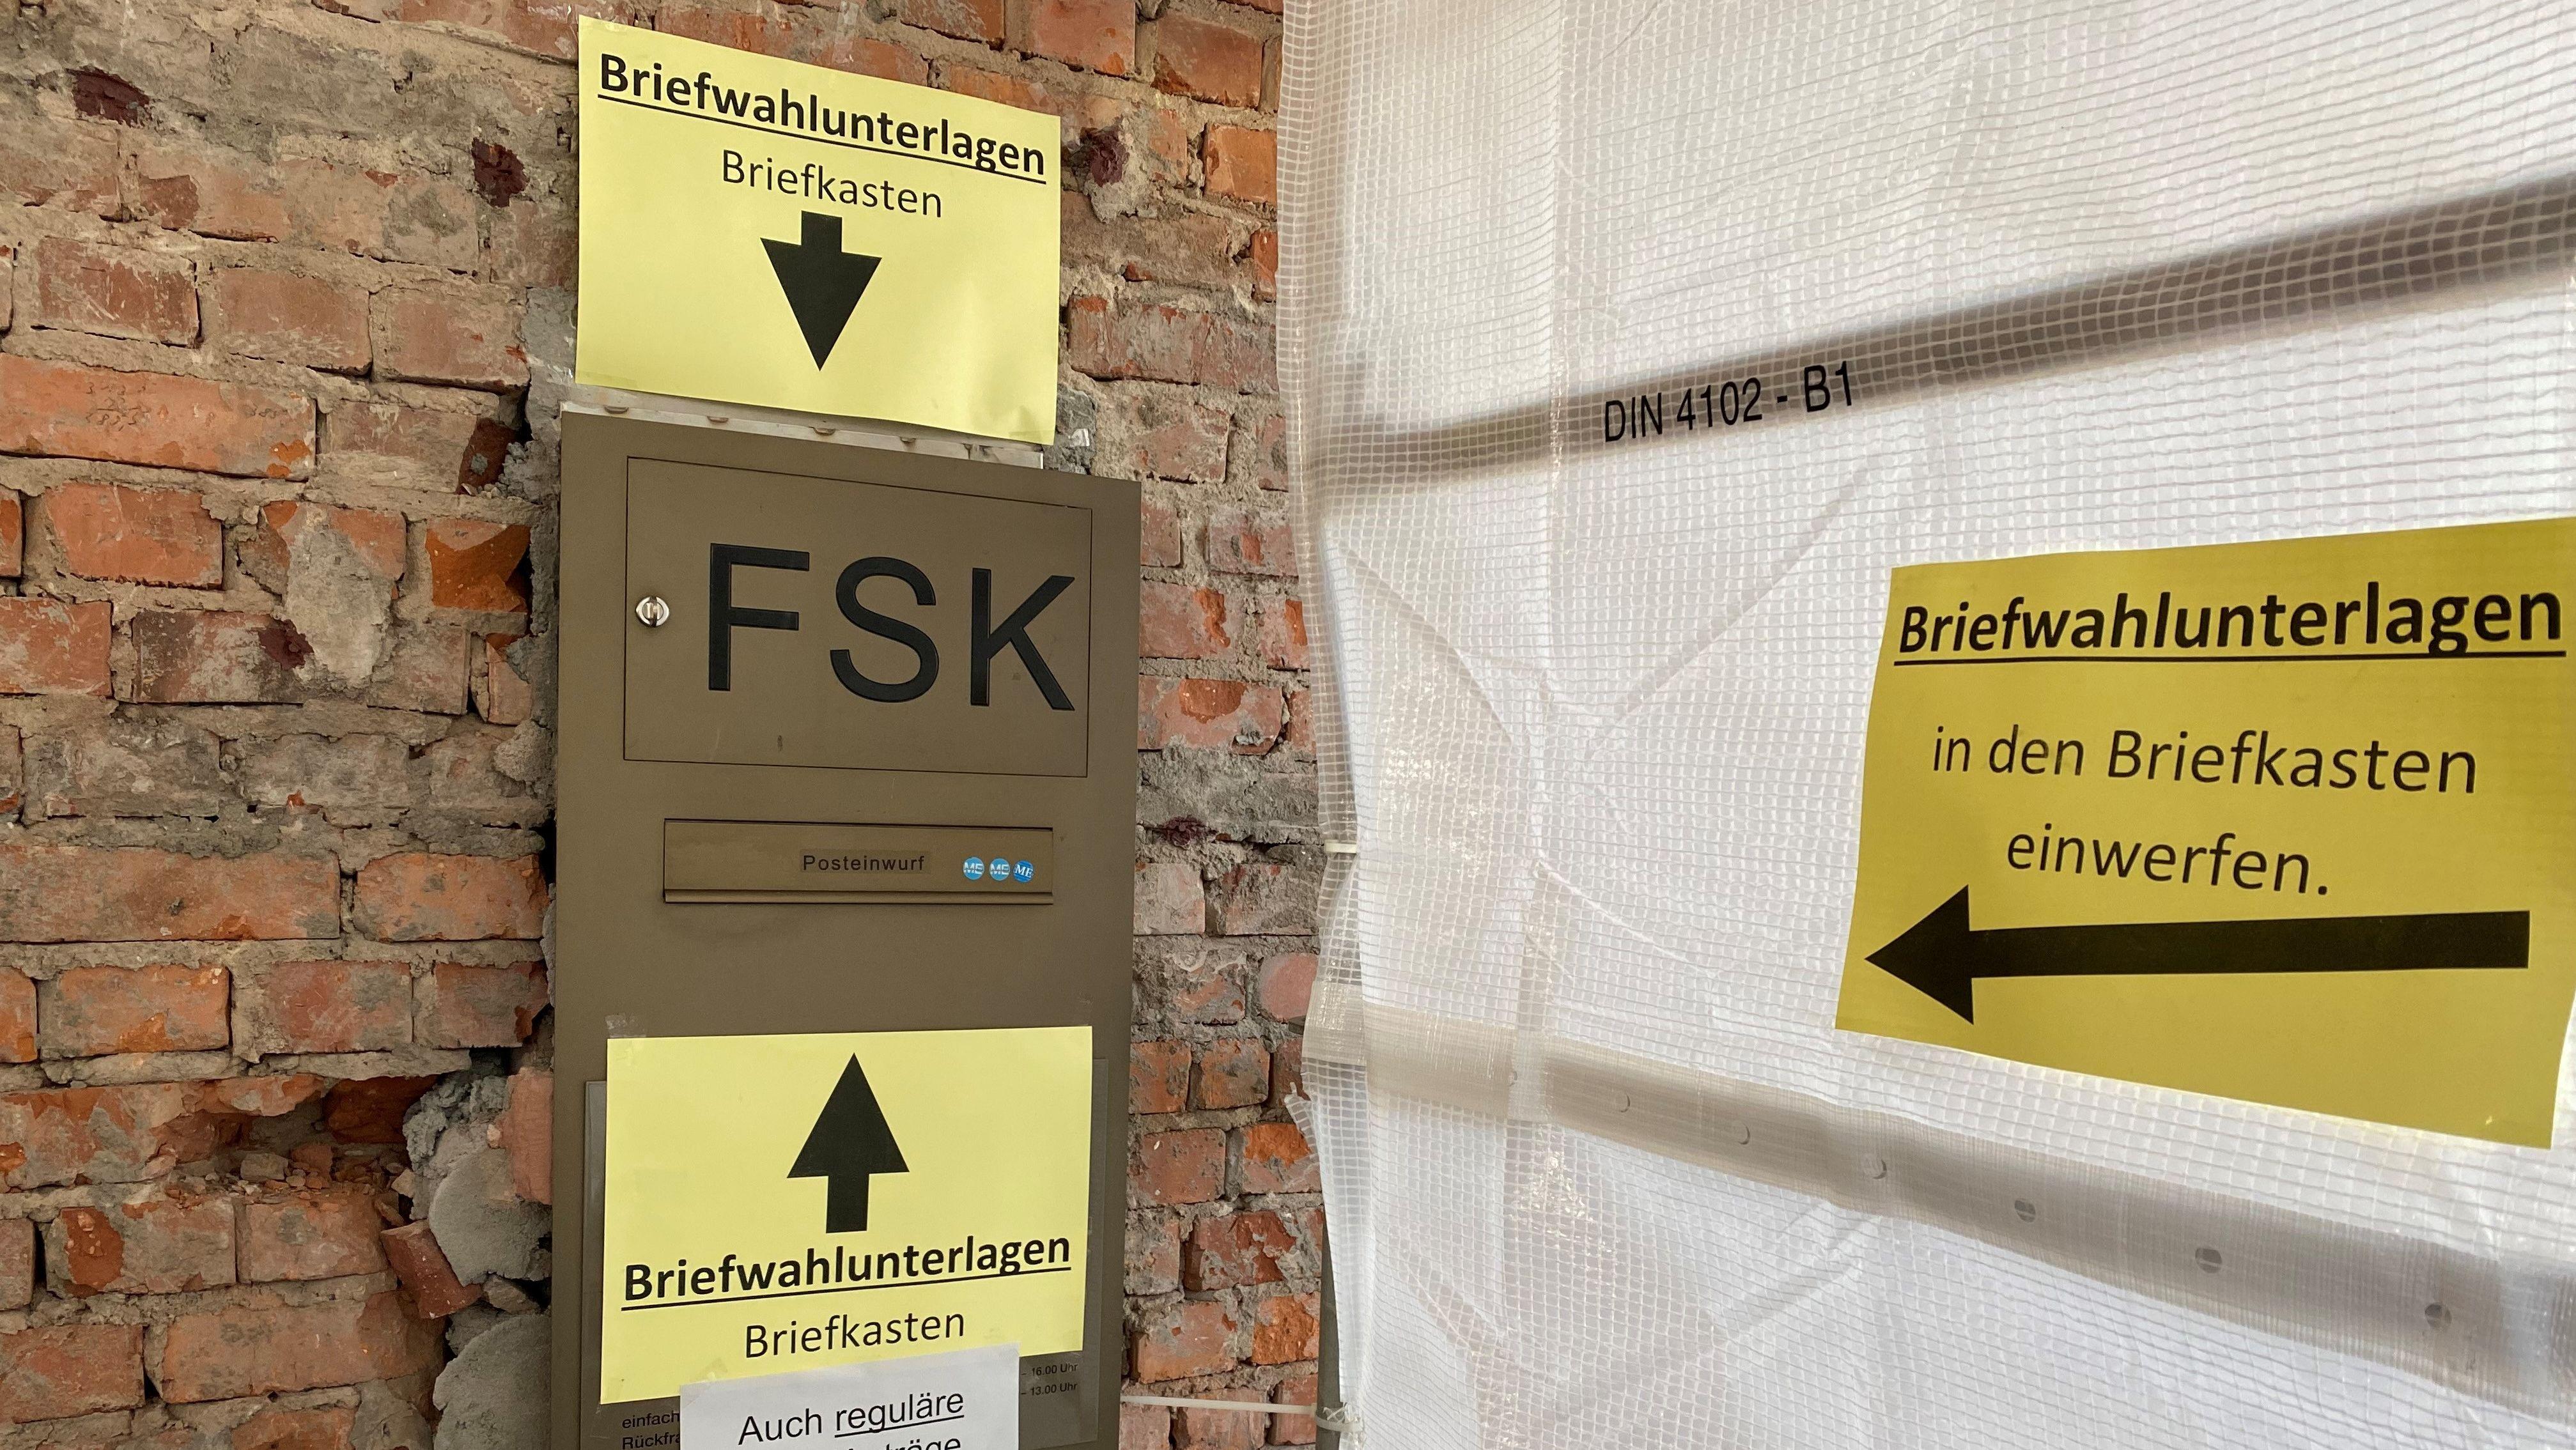 Briefkasten am Rathaus in Aschaffenburg mit Schildern, die darauf hinweisen, dass hier die Briefwahlunterlagen eingeworfen werden sollen.